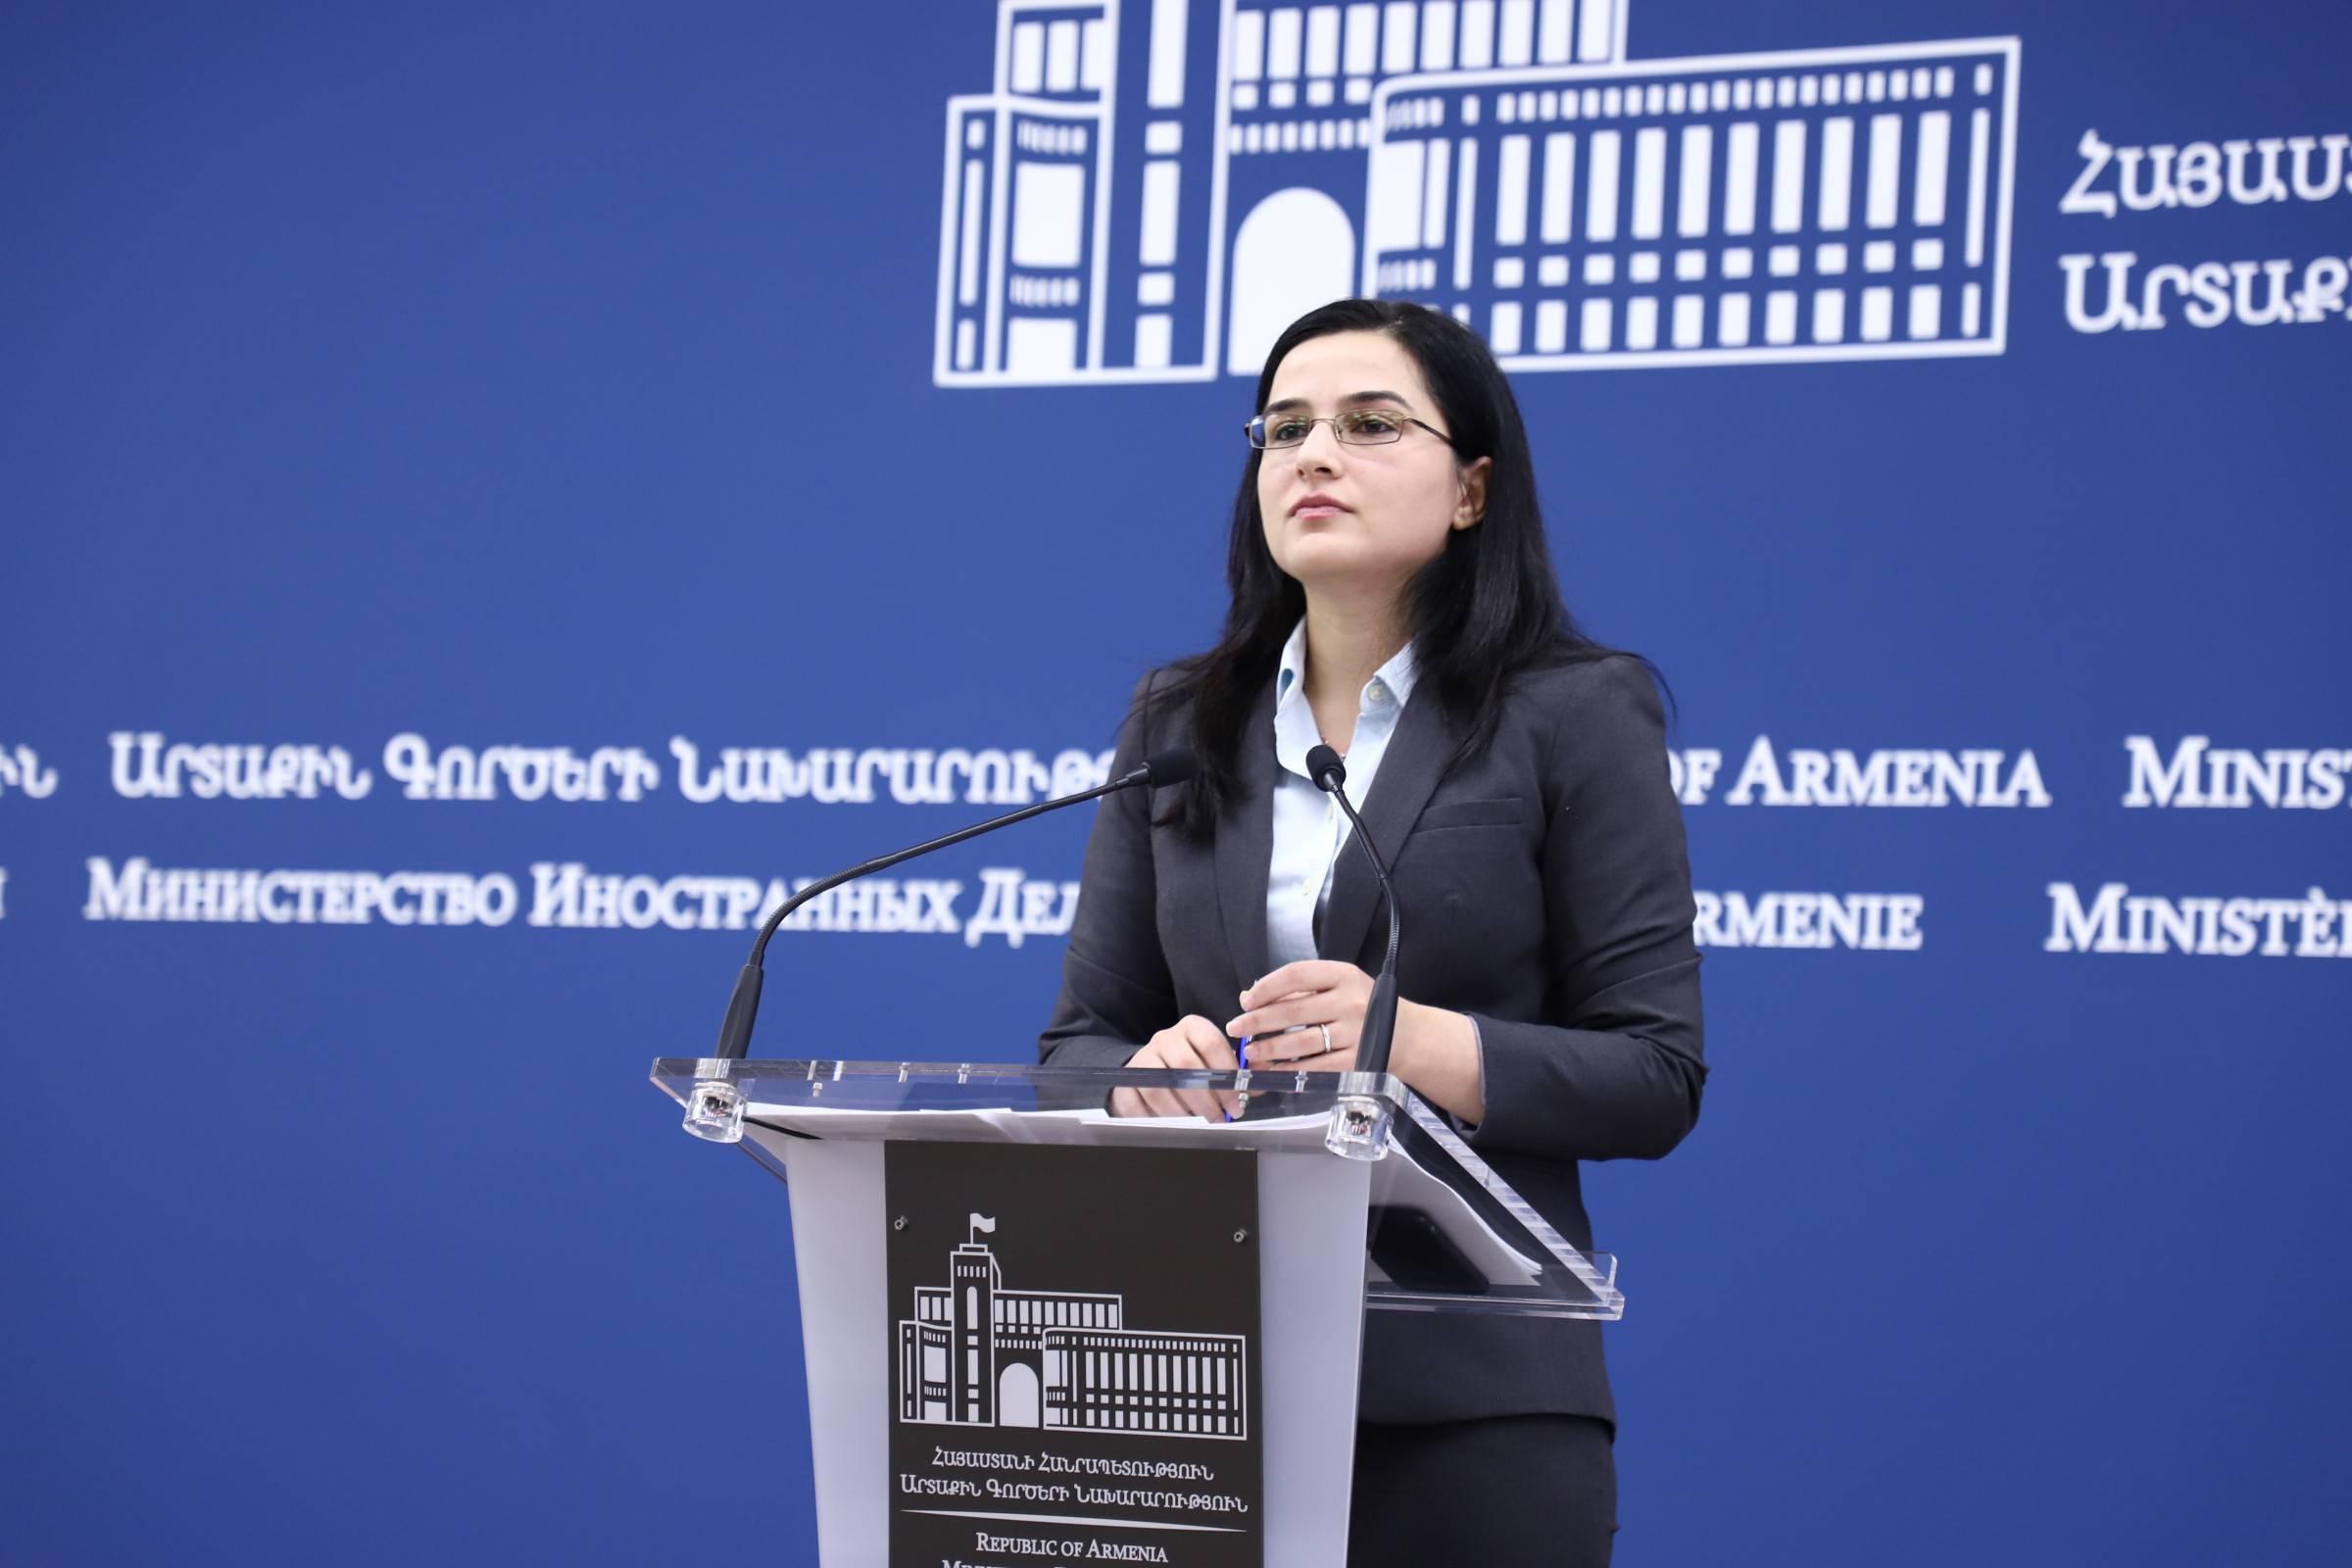 МИД: Детали и сроки визита Станислава Зася в Армению пока не уточнены